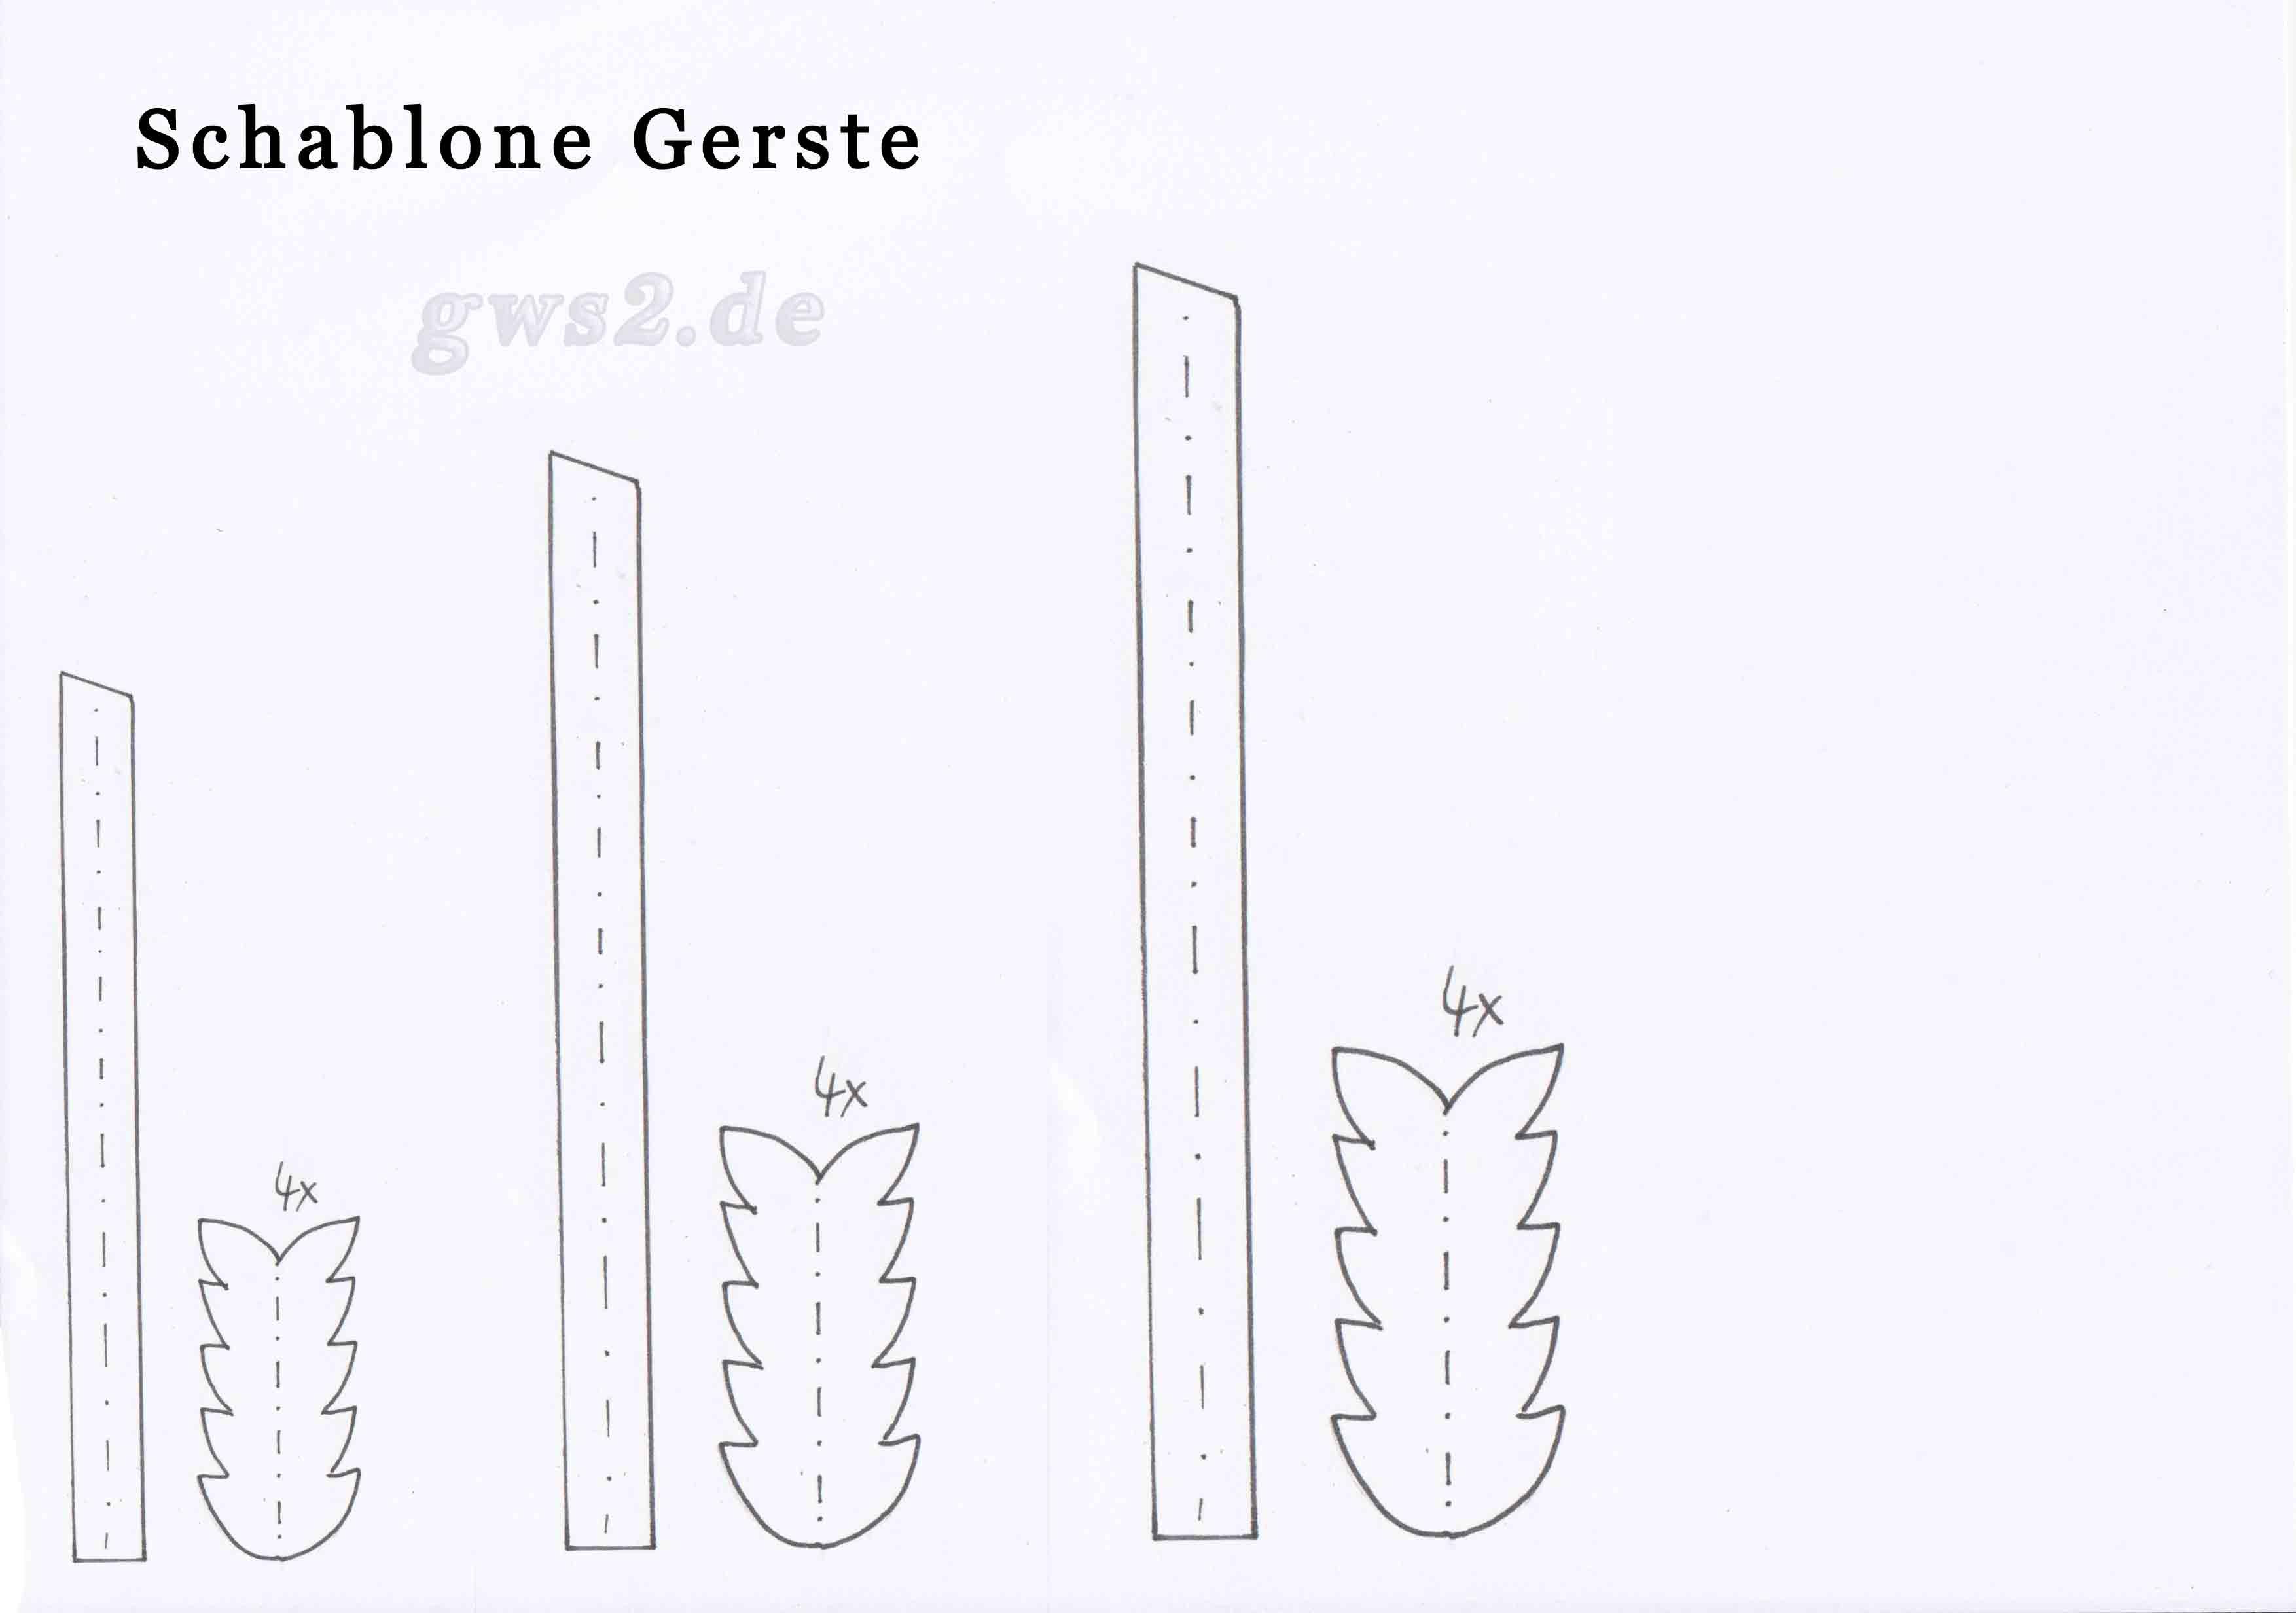 Bild von Schablone für Gerste